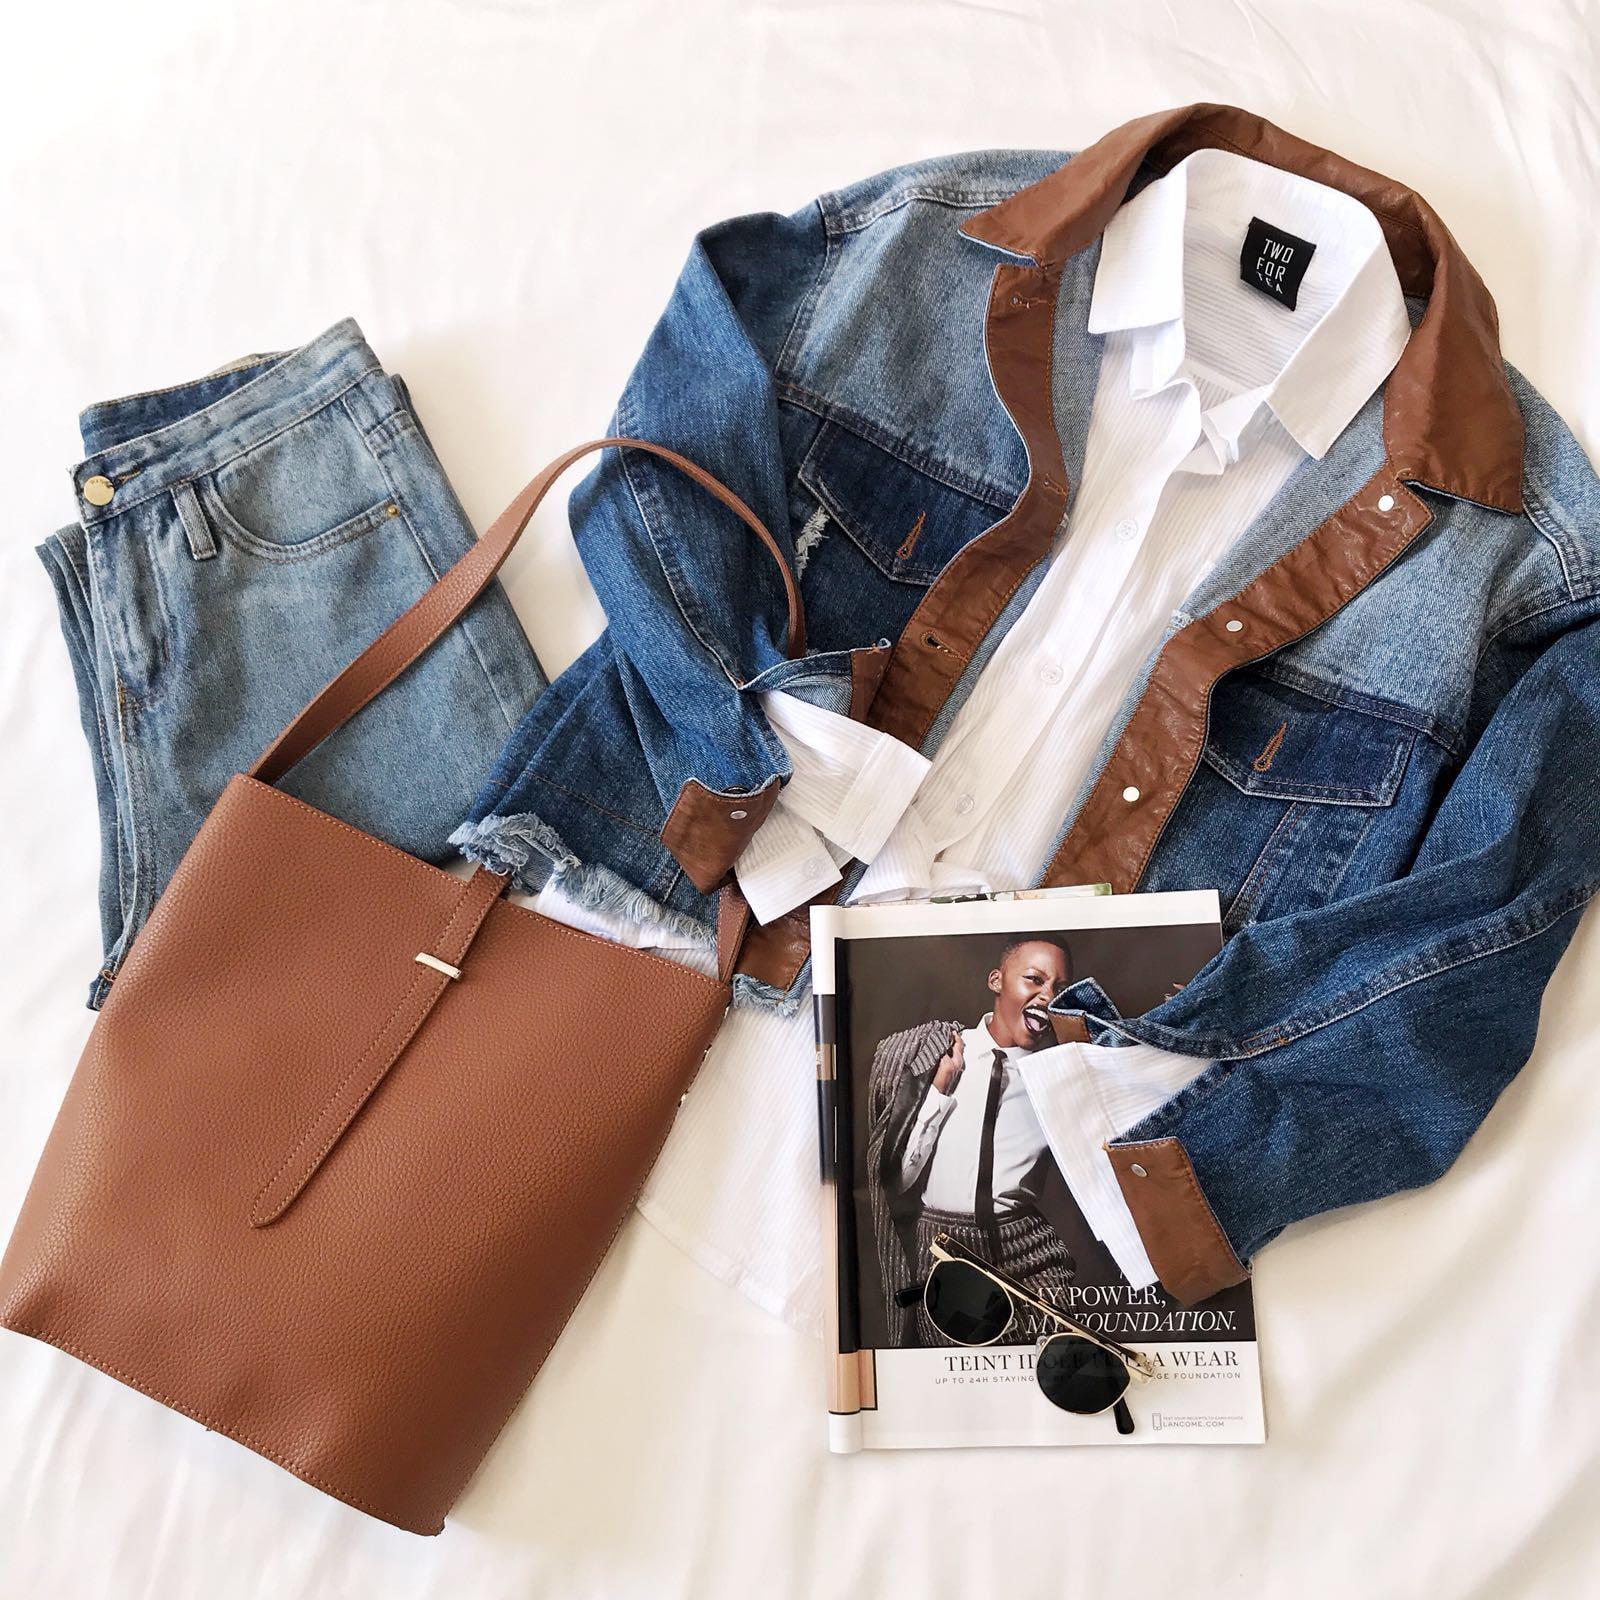 ז'קט אוליב ג'ינס